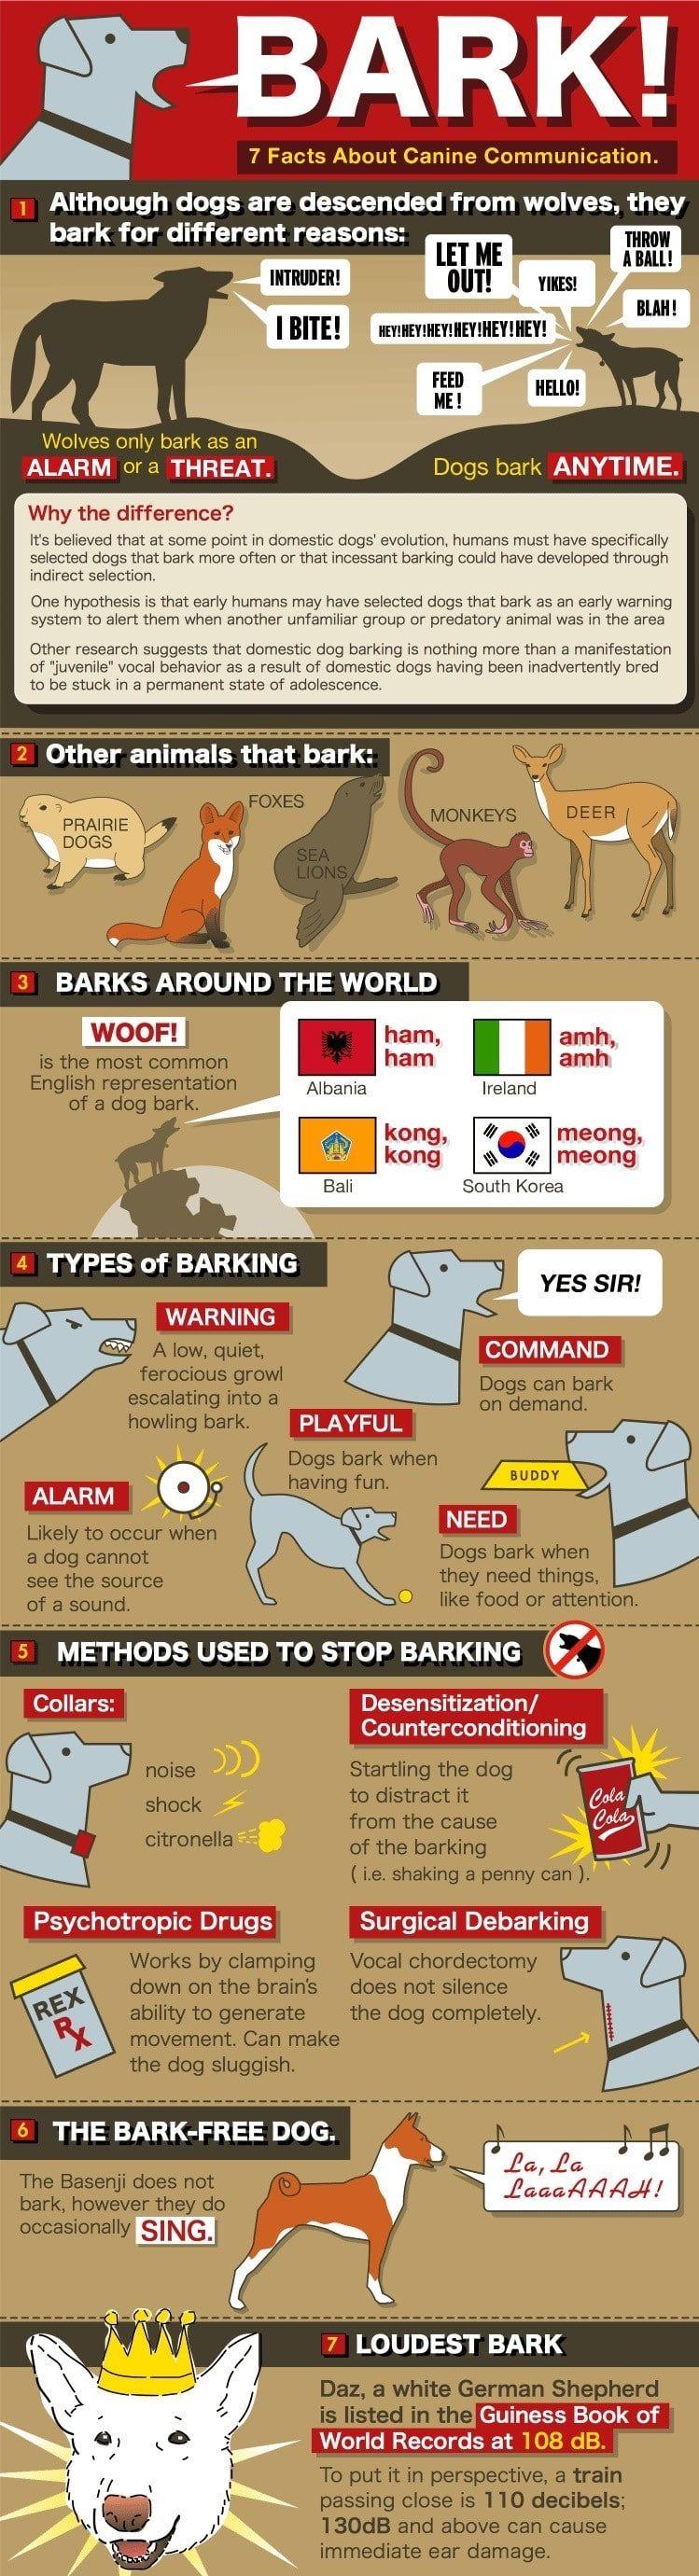 infografía ladrido de un perro